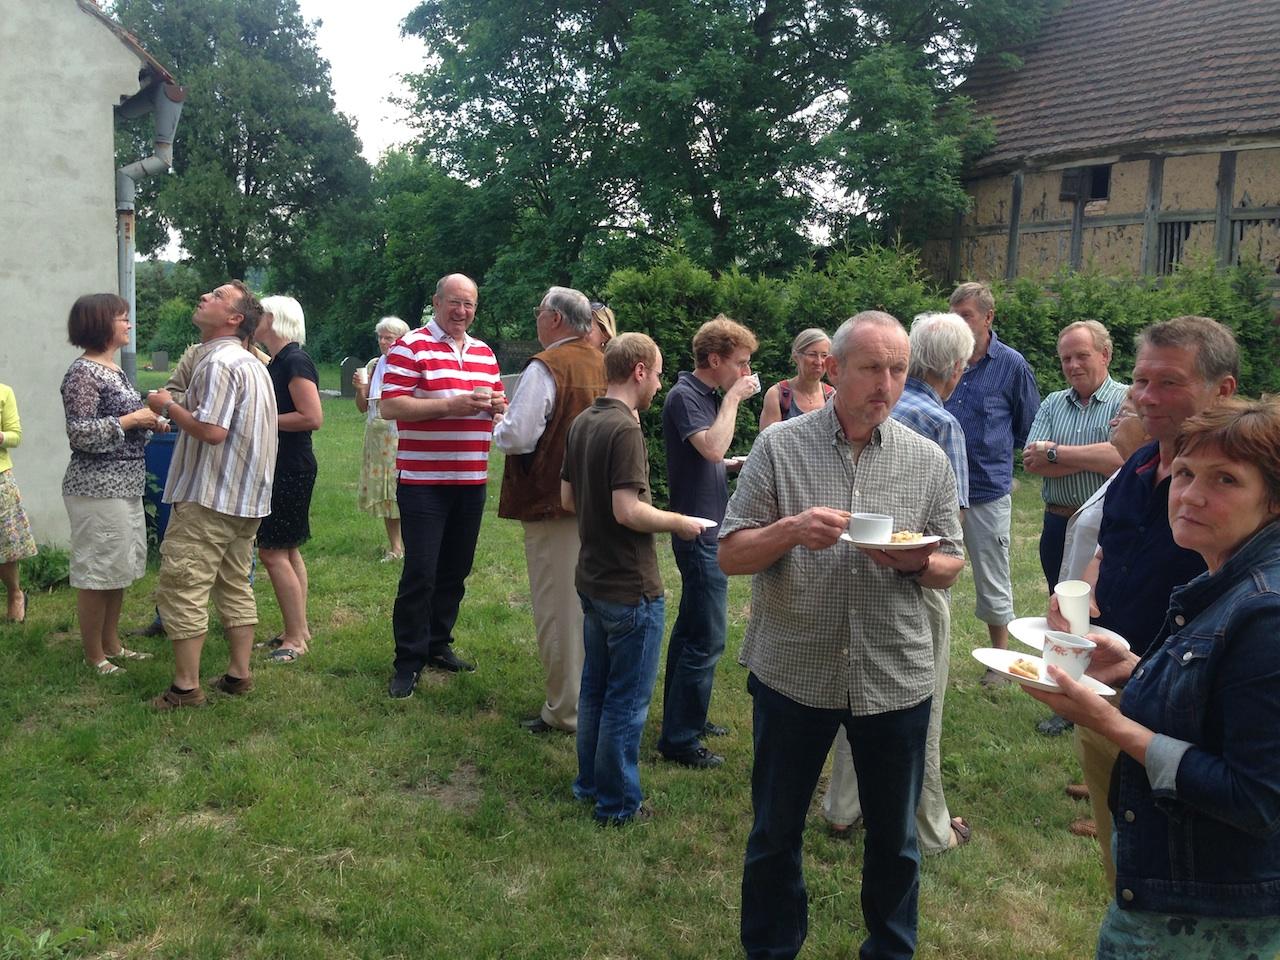 Mitwirkende und Gäste bei Kaffee und Kuchen